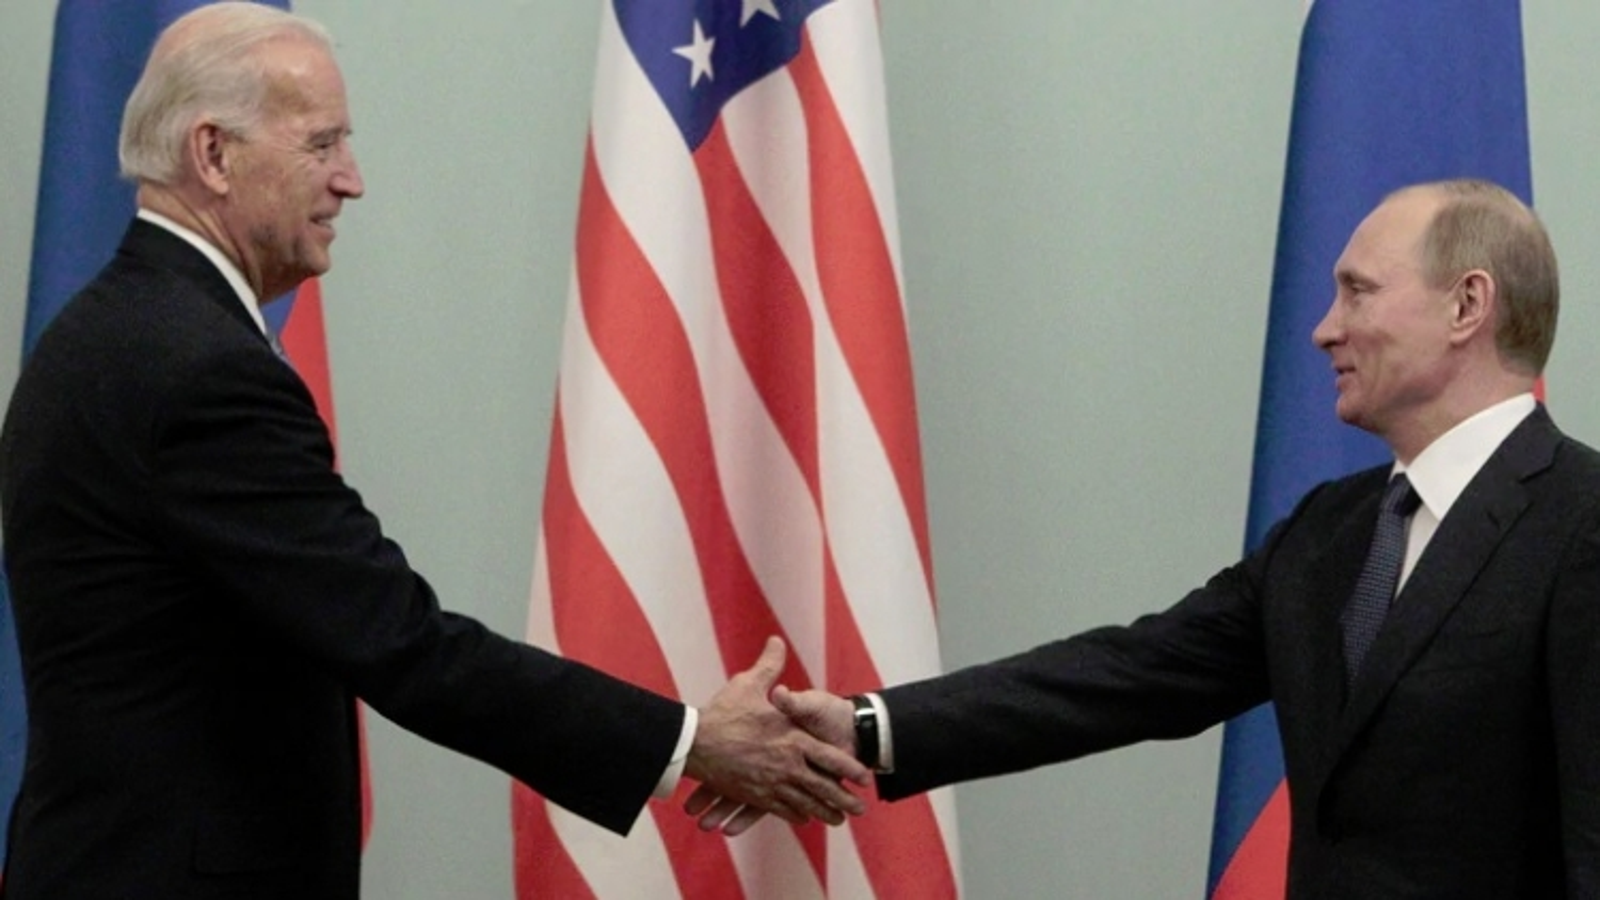 Nga chờ đợi kết quả chính thức cuộc bầu cử Tổng thống Mỹ trước khi có những tuyên bố